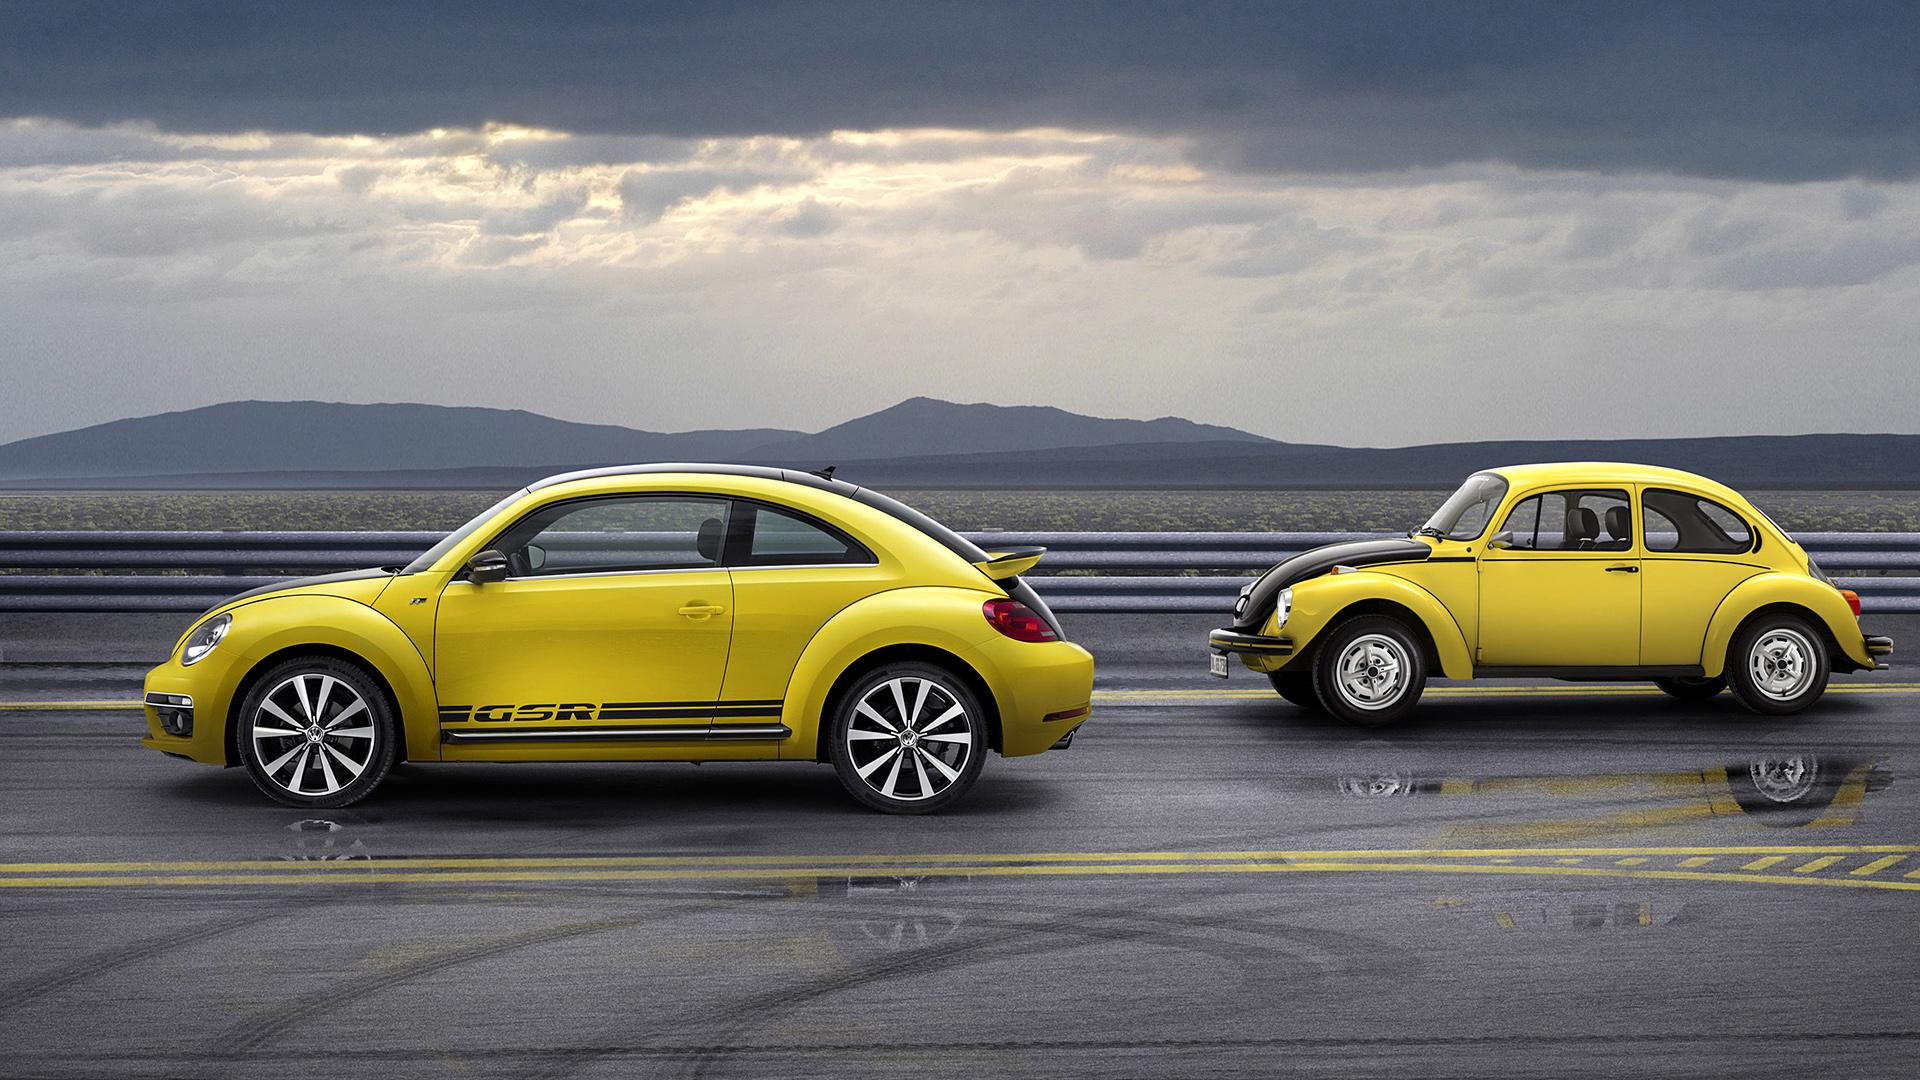 Volkswagen Beetle GSR 2013 Wallpaper   HD 1920x1080